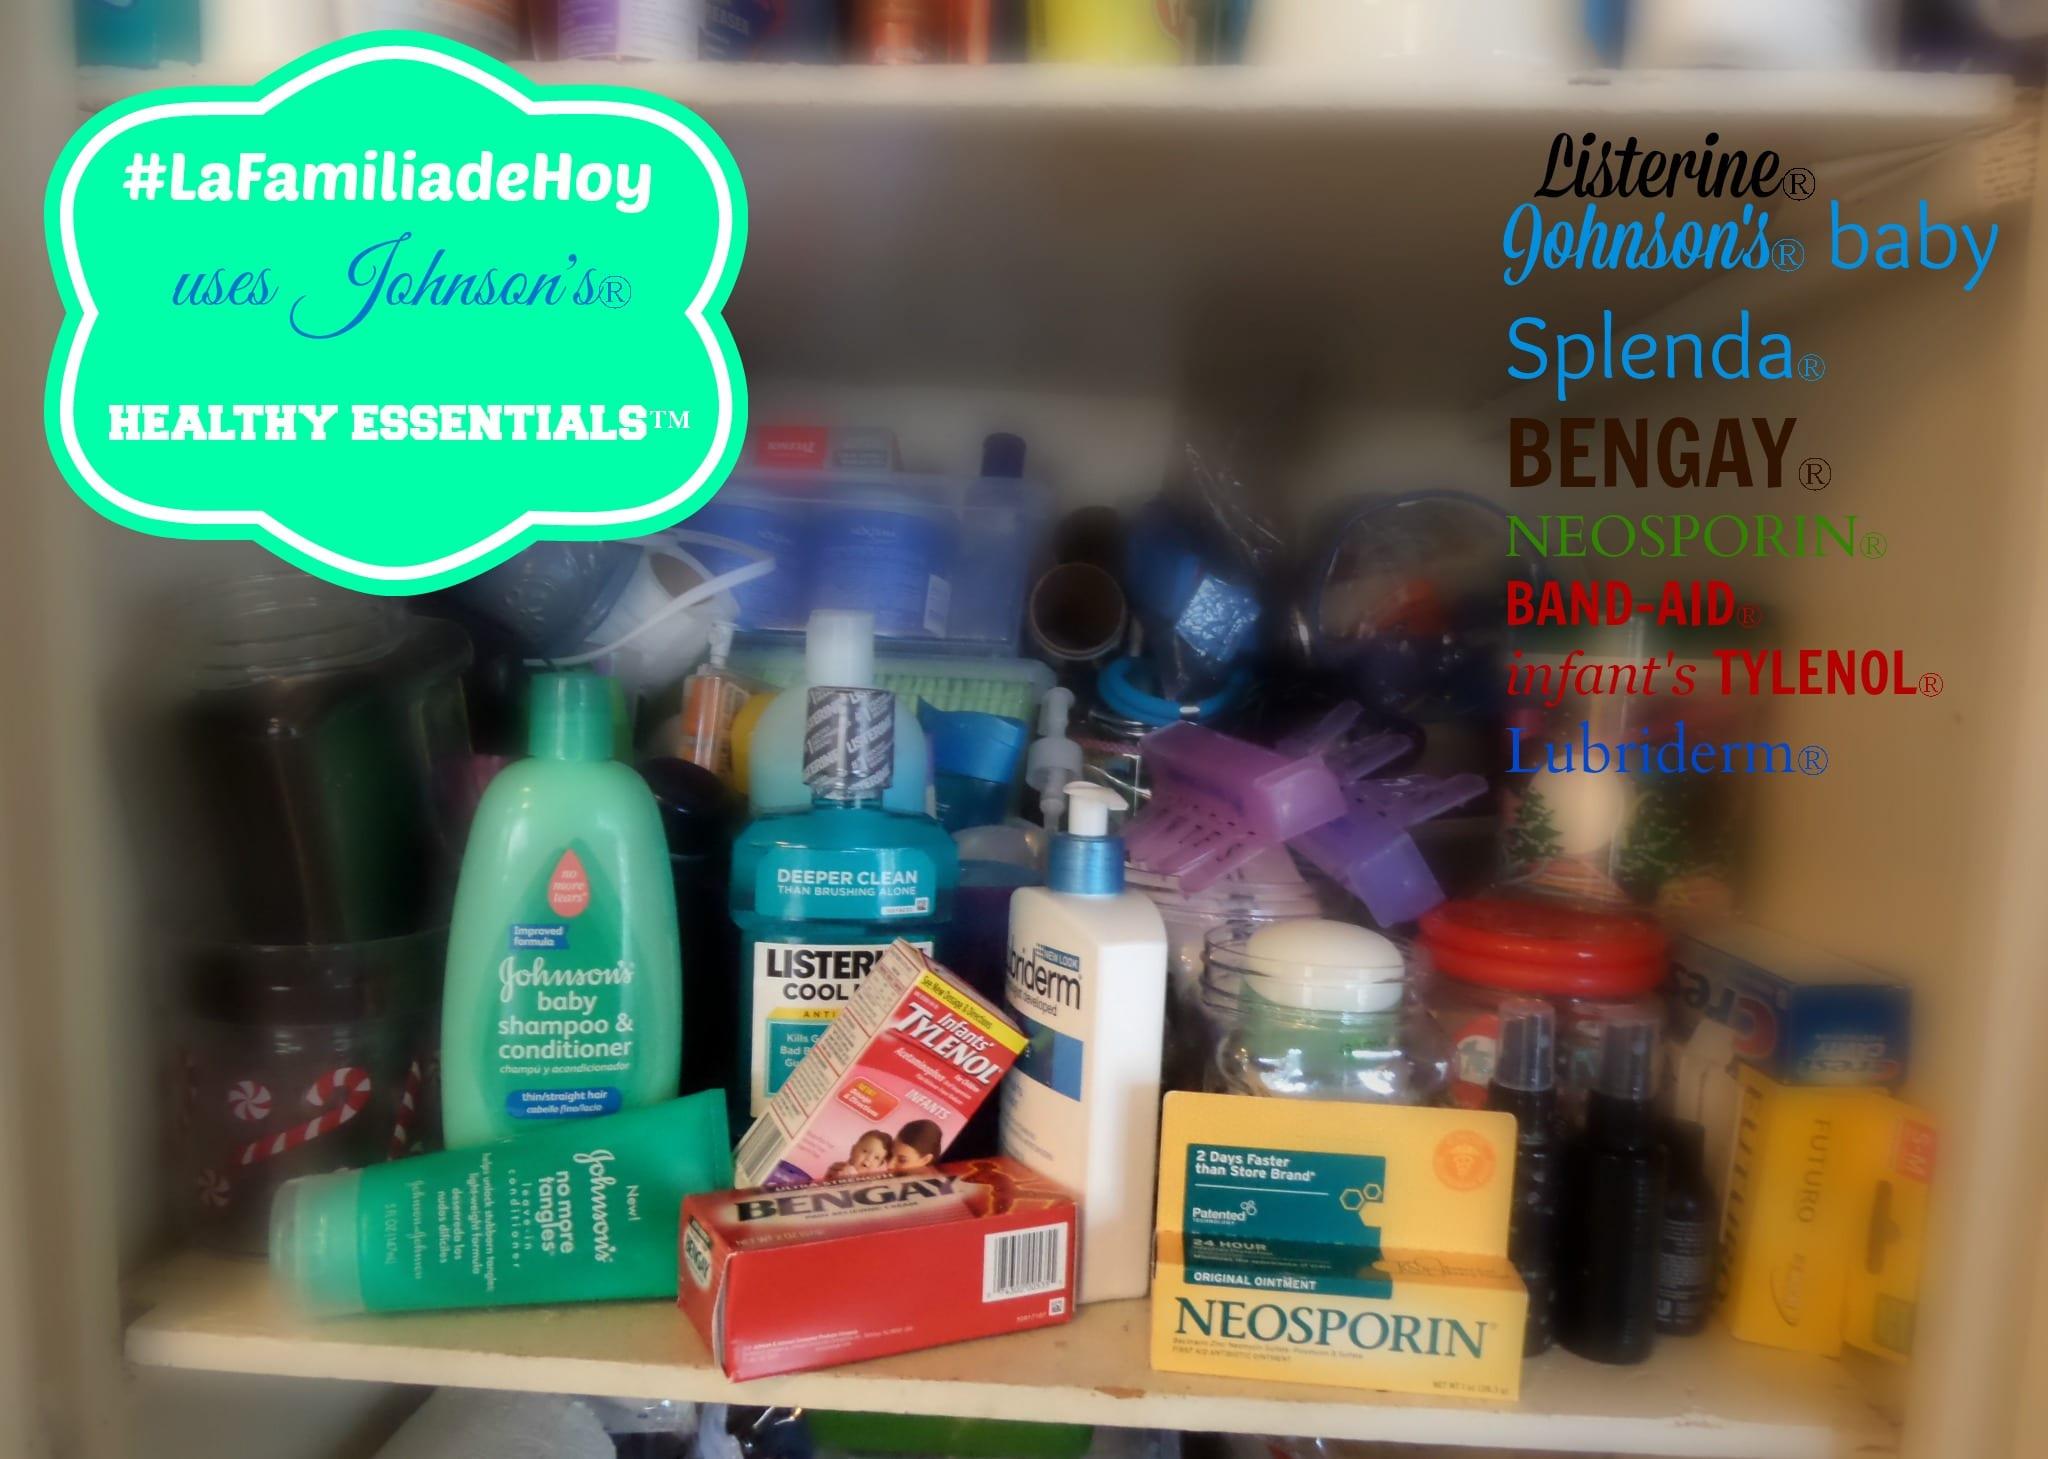 #LaFamiliadeHoy Healthy Essentials